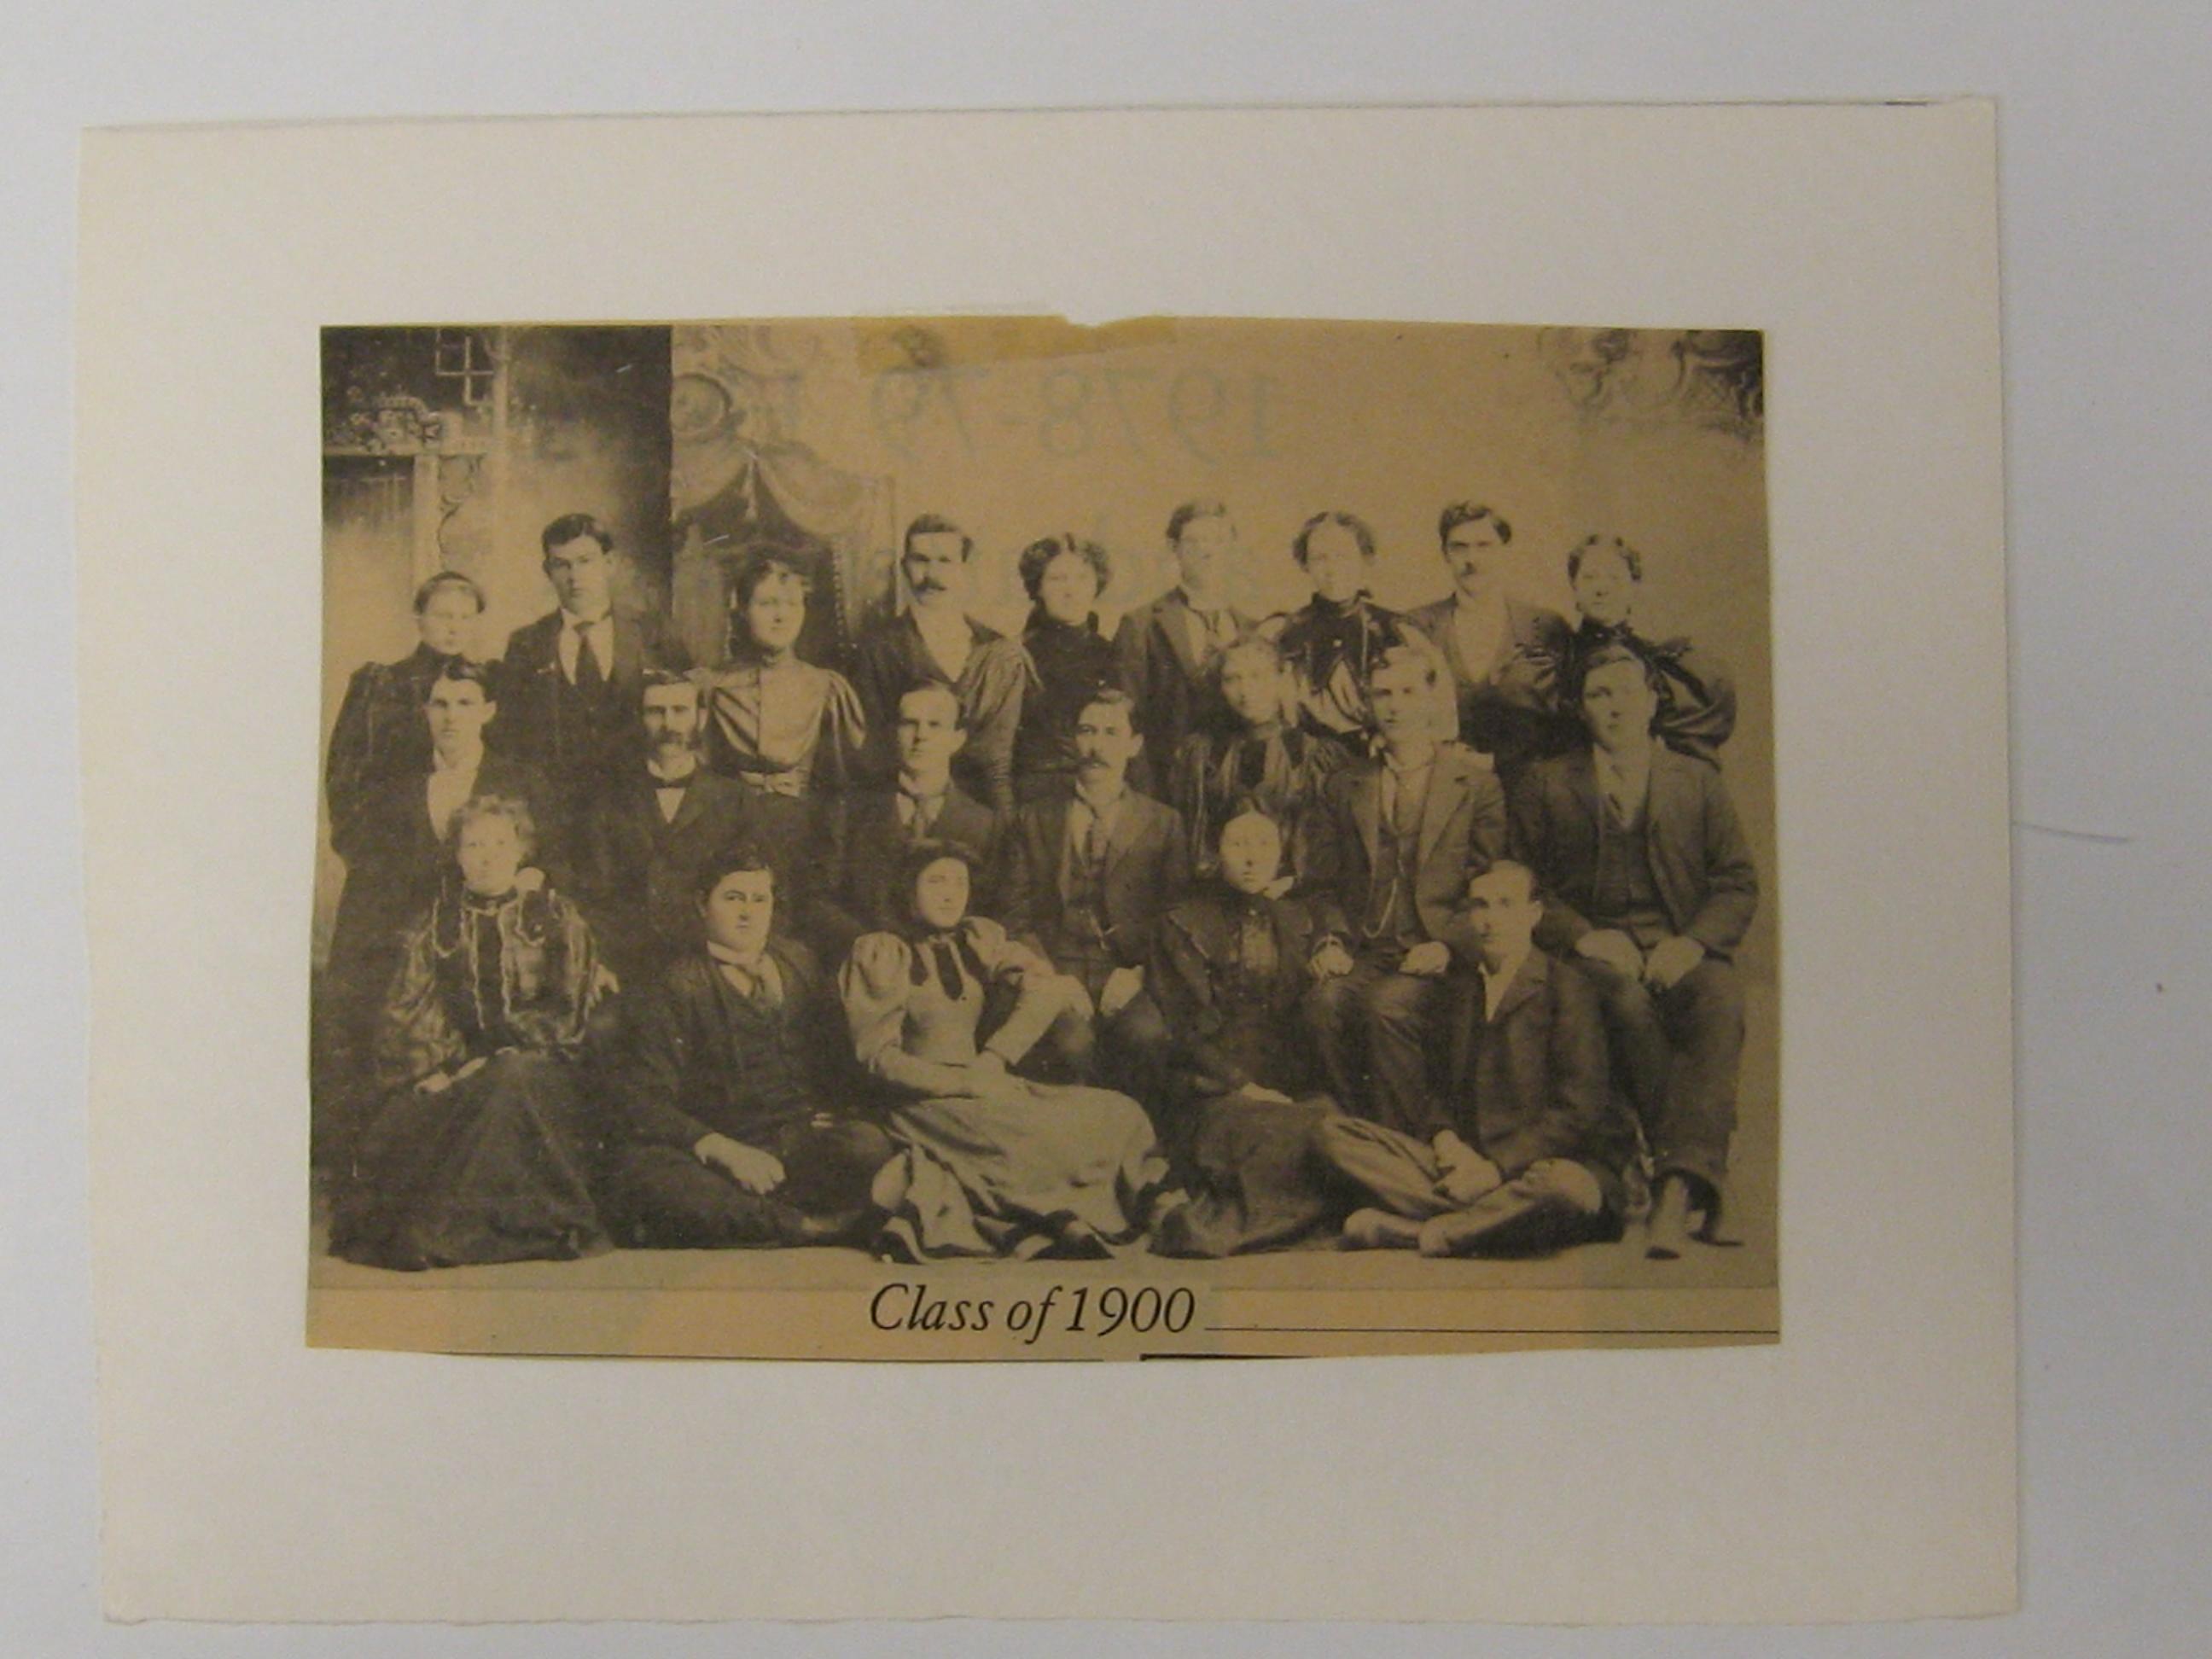 SWBC Class of 1900